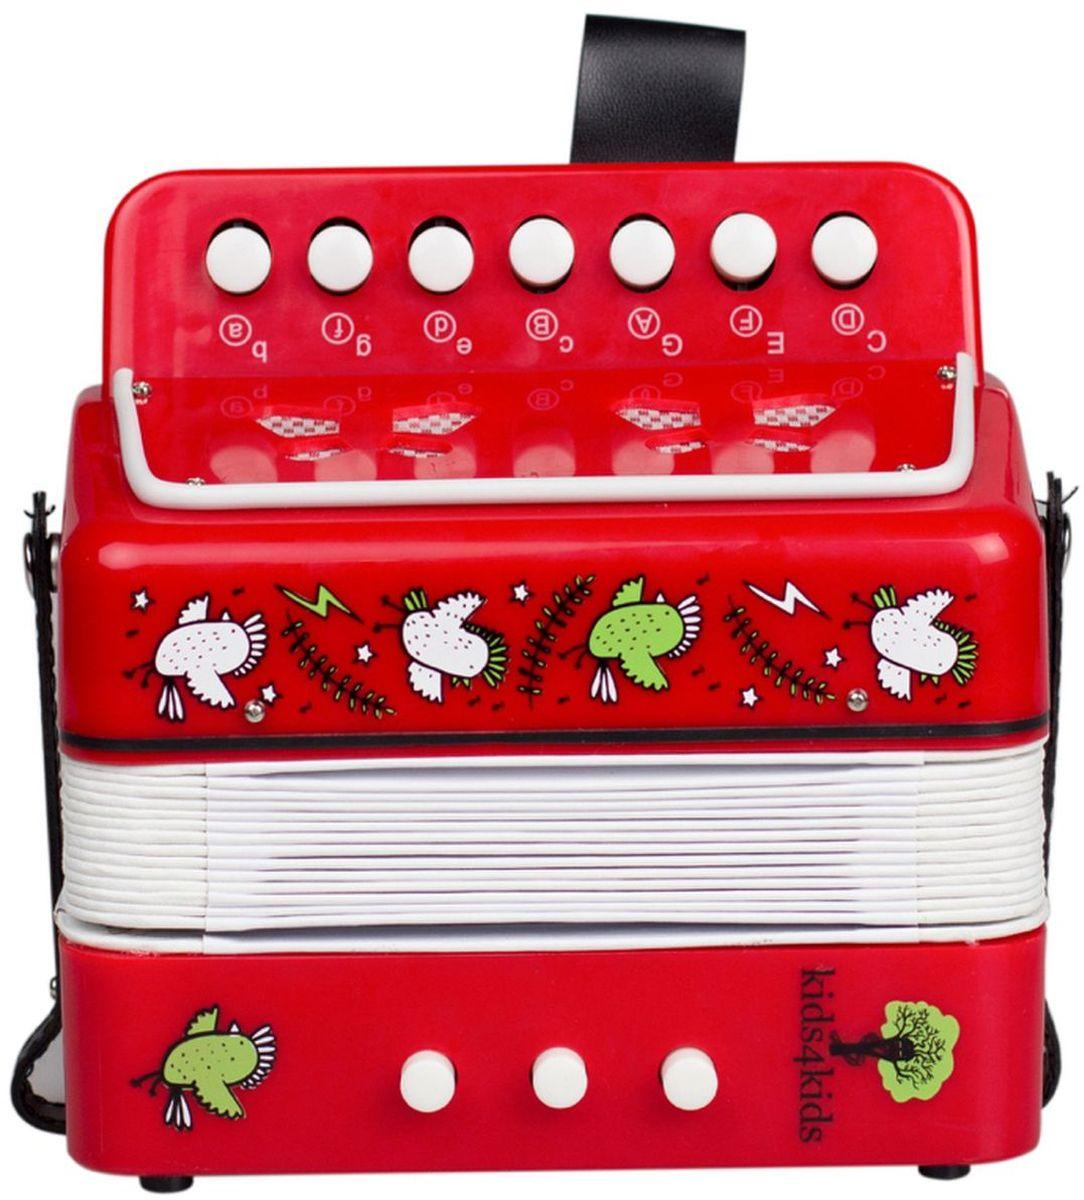 Kids4Kids Музыкальная игрушка Аккордеон Волшебные нотыHY20006Учимся весело исполнять зажигательные мелодии в компании великолепного и занимательного аккордеона. Ребёнок сможет не только самостоятельно придумать и исполнить музыкальные композиции, а также продемонстрировать целый музыкально-танцевальный номер, ведь под фантастические музыкальные композиции просто невозможно устоять на месте, а значит будет прекрасно развито творческое мышление и координация движений. Игра на аккордеоне способствует развитию мелкой моторики. Яркий стиль аккордеона не оставит равнодушным ребёнка, а значит скучно точно не будет. Игрушка изготовлена из высококачественных материалов.